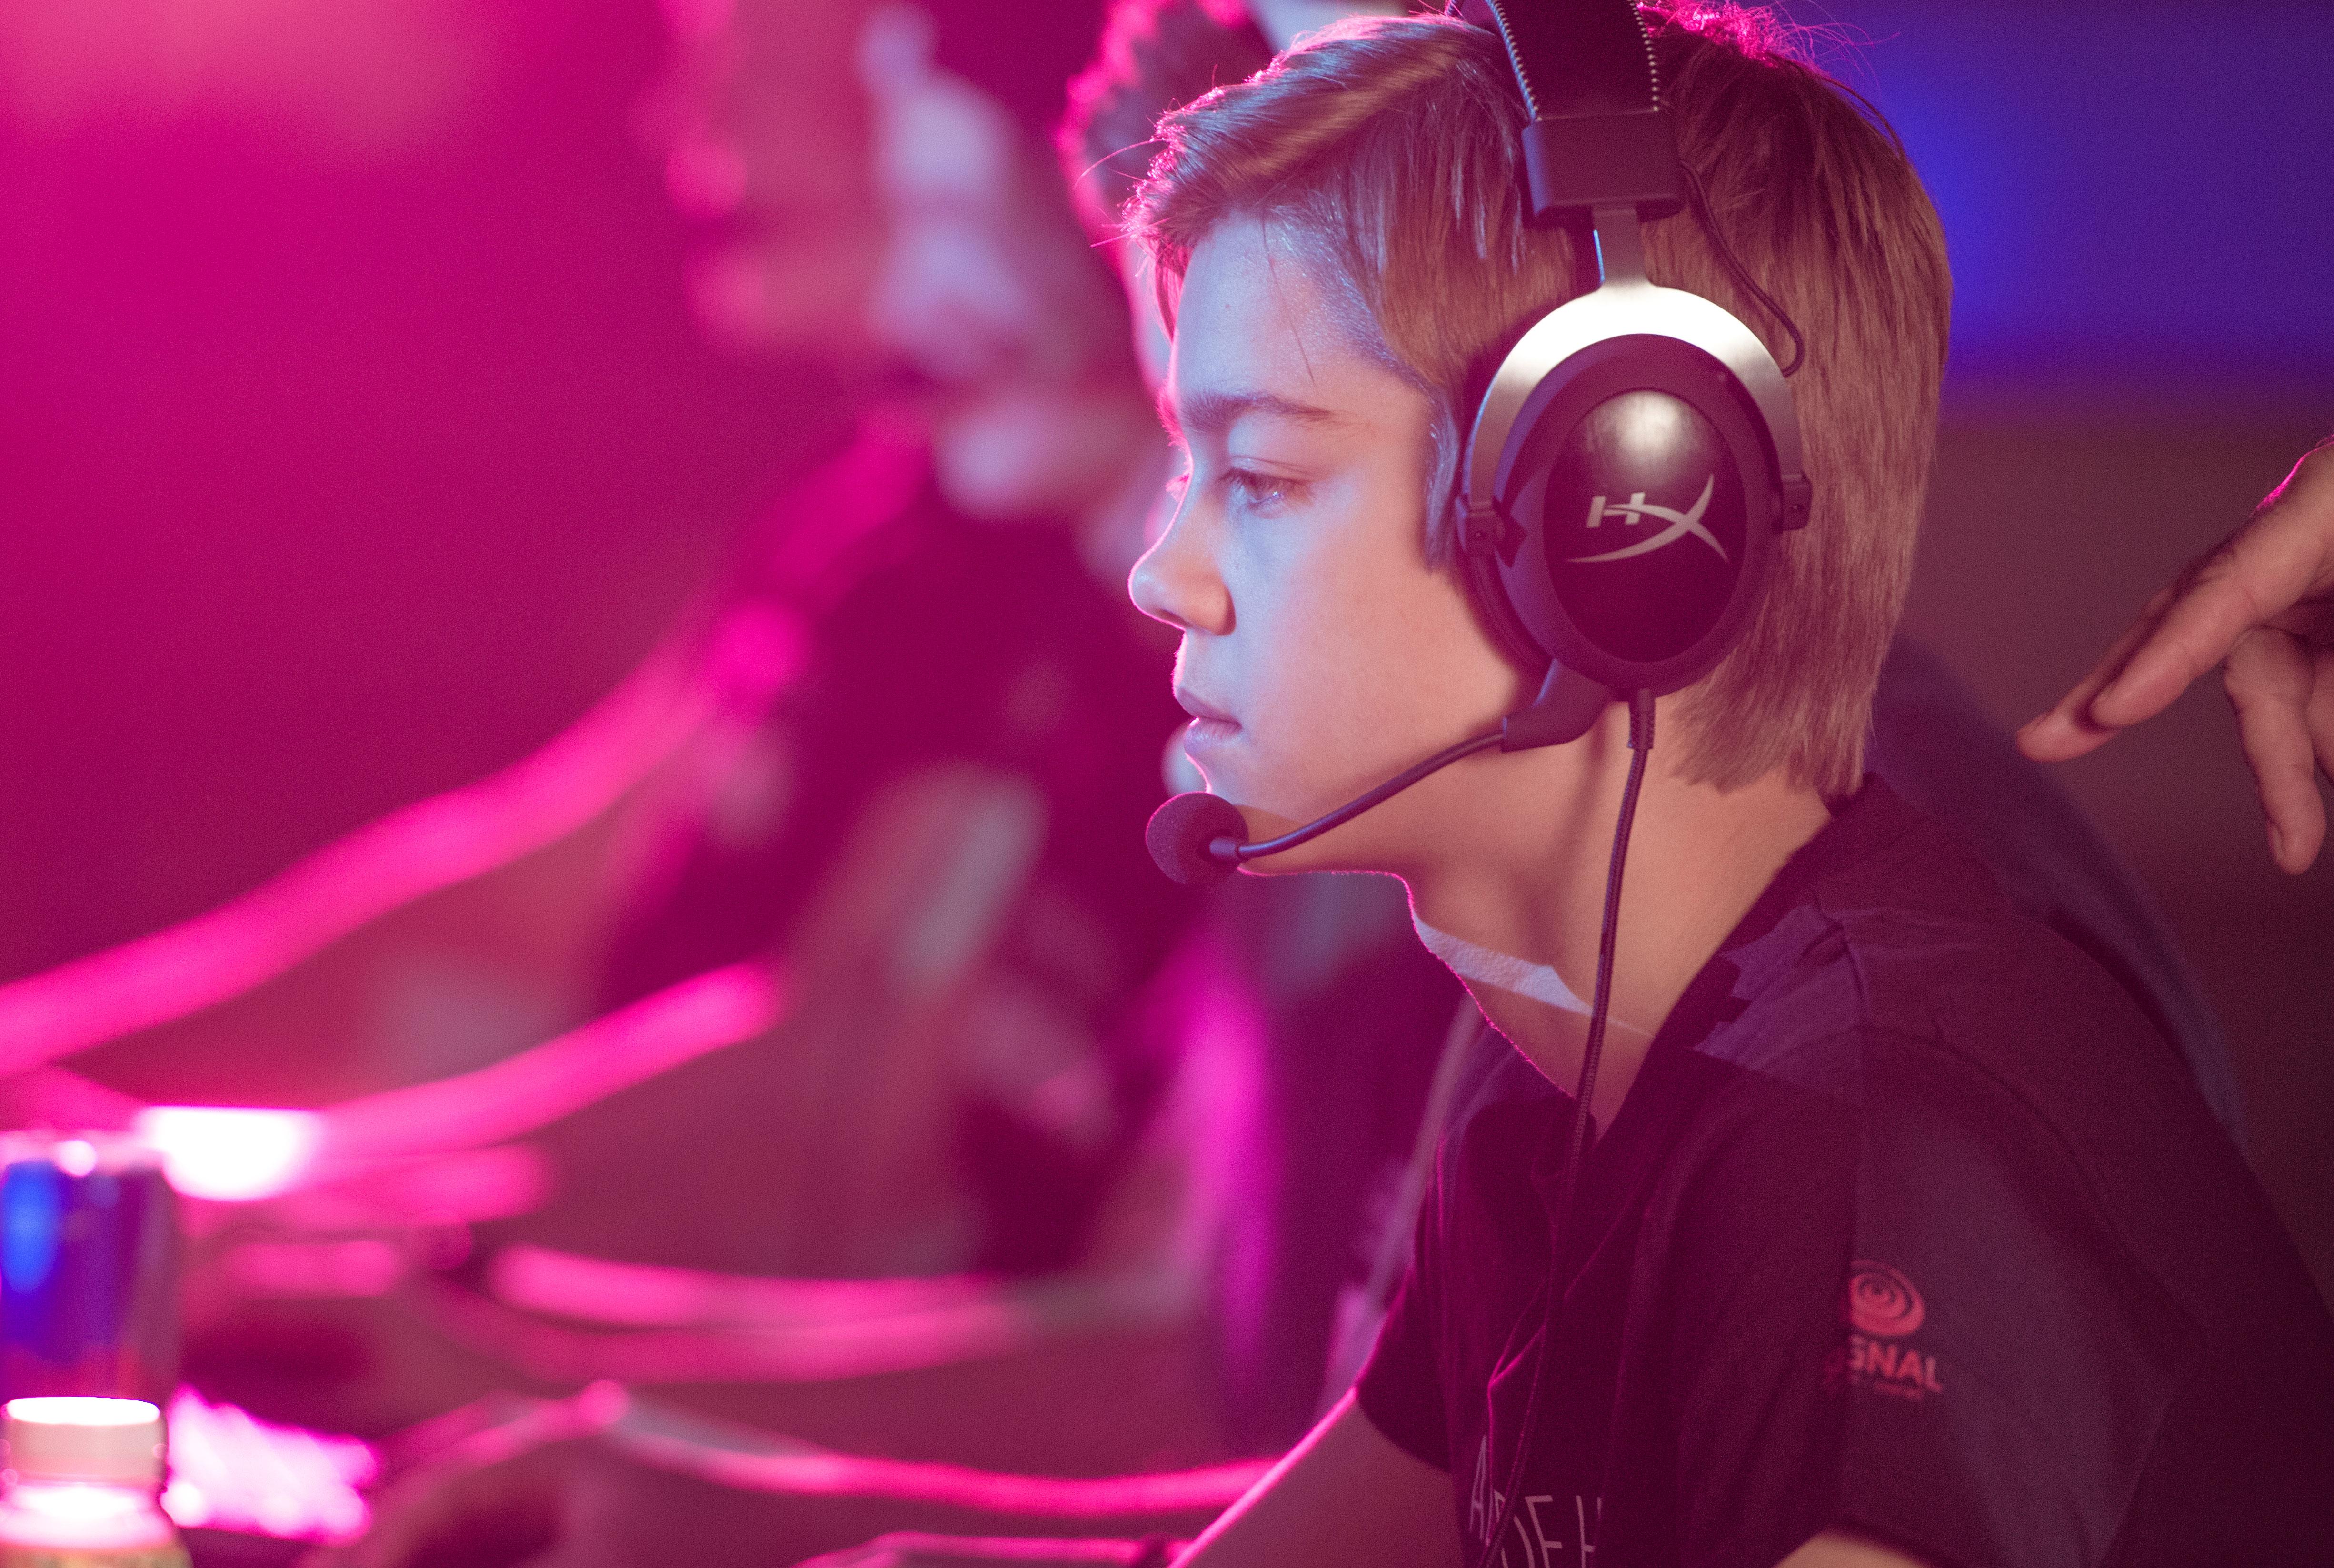 Joakim, vår hovedperson fra filmen, sitter med e-sport-headsett sammen med laget sitt og spiller kamp online.